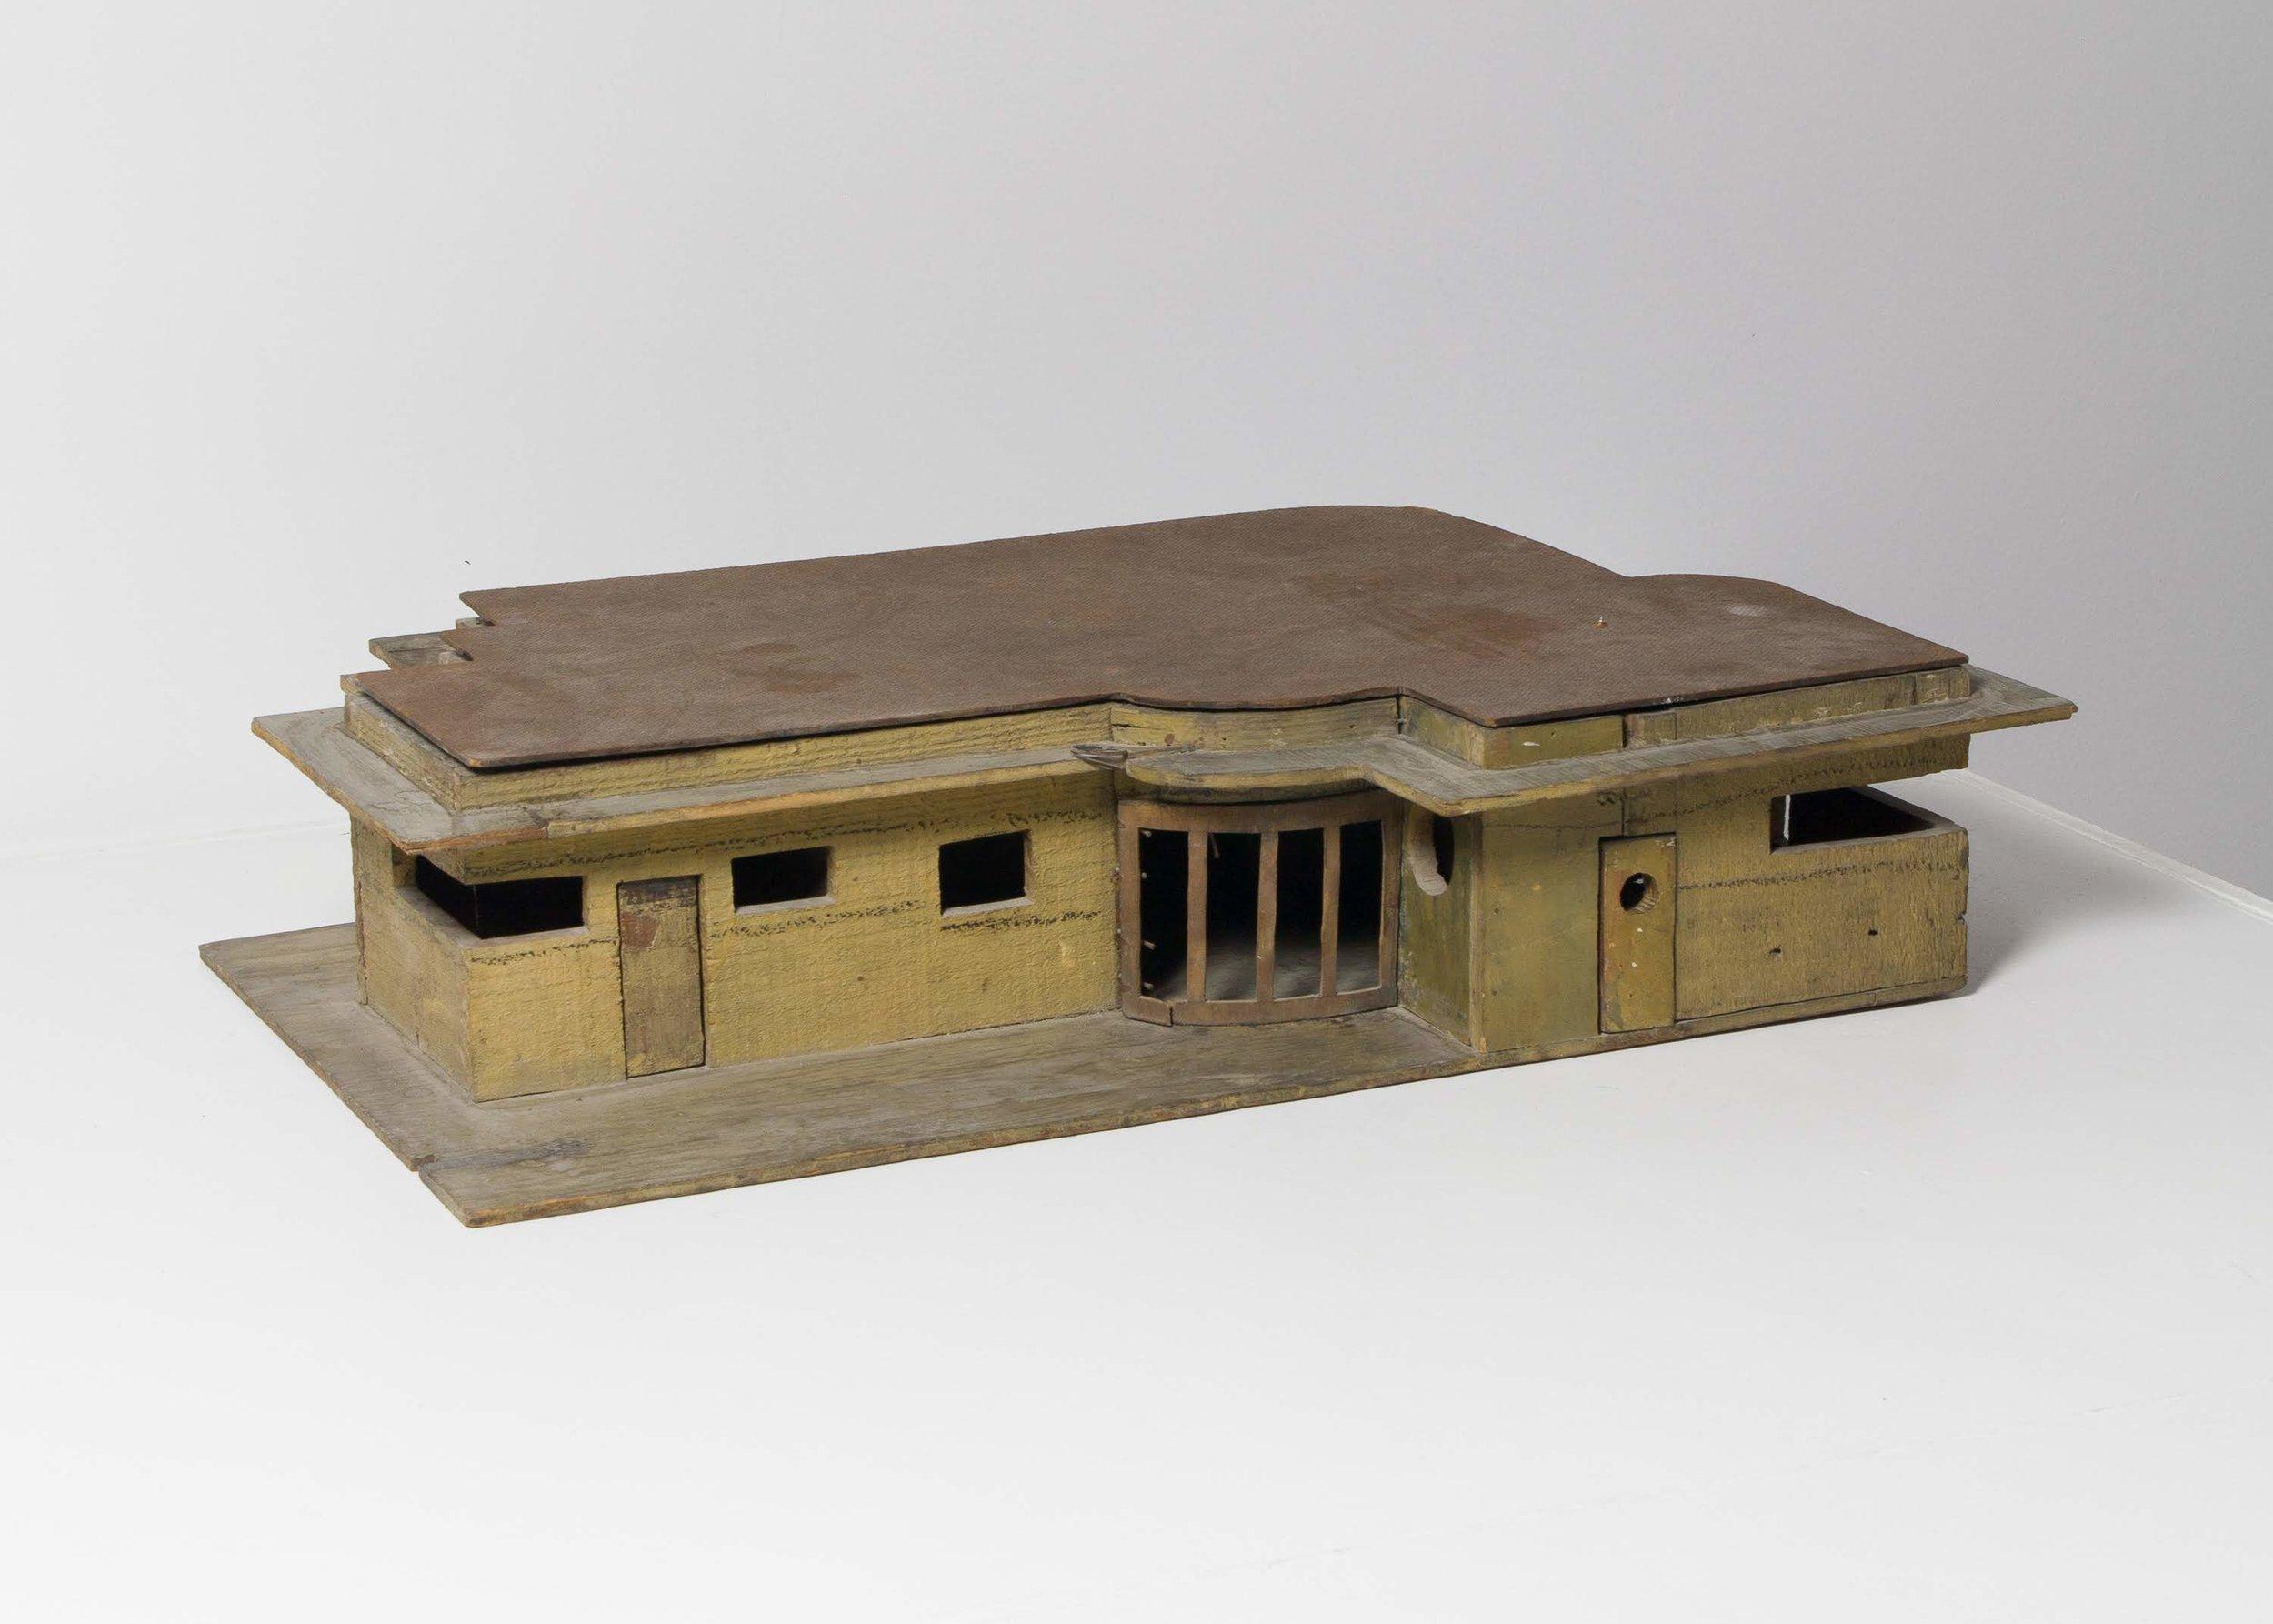 1930s Handmade Modernist House Model